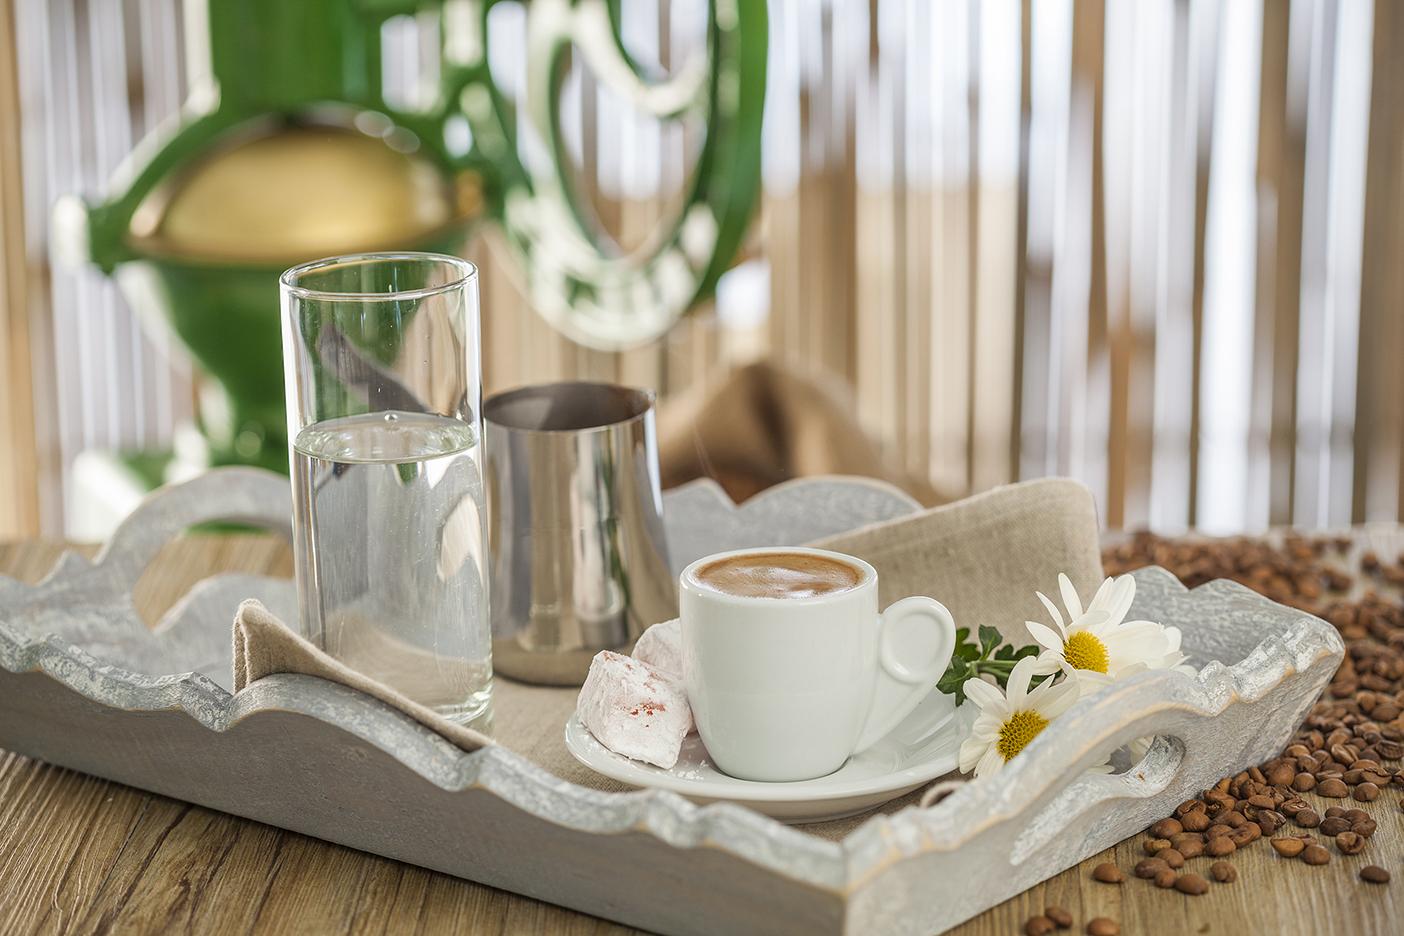 Θρεπτική αξία ελληνικού καφέ και τα οφέλη του στην υγεία μας (Parkinson, Alzheimer, μείωση του κινδύνου για διαβήτη τύπου 2)